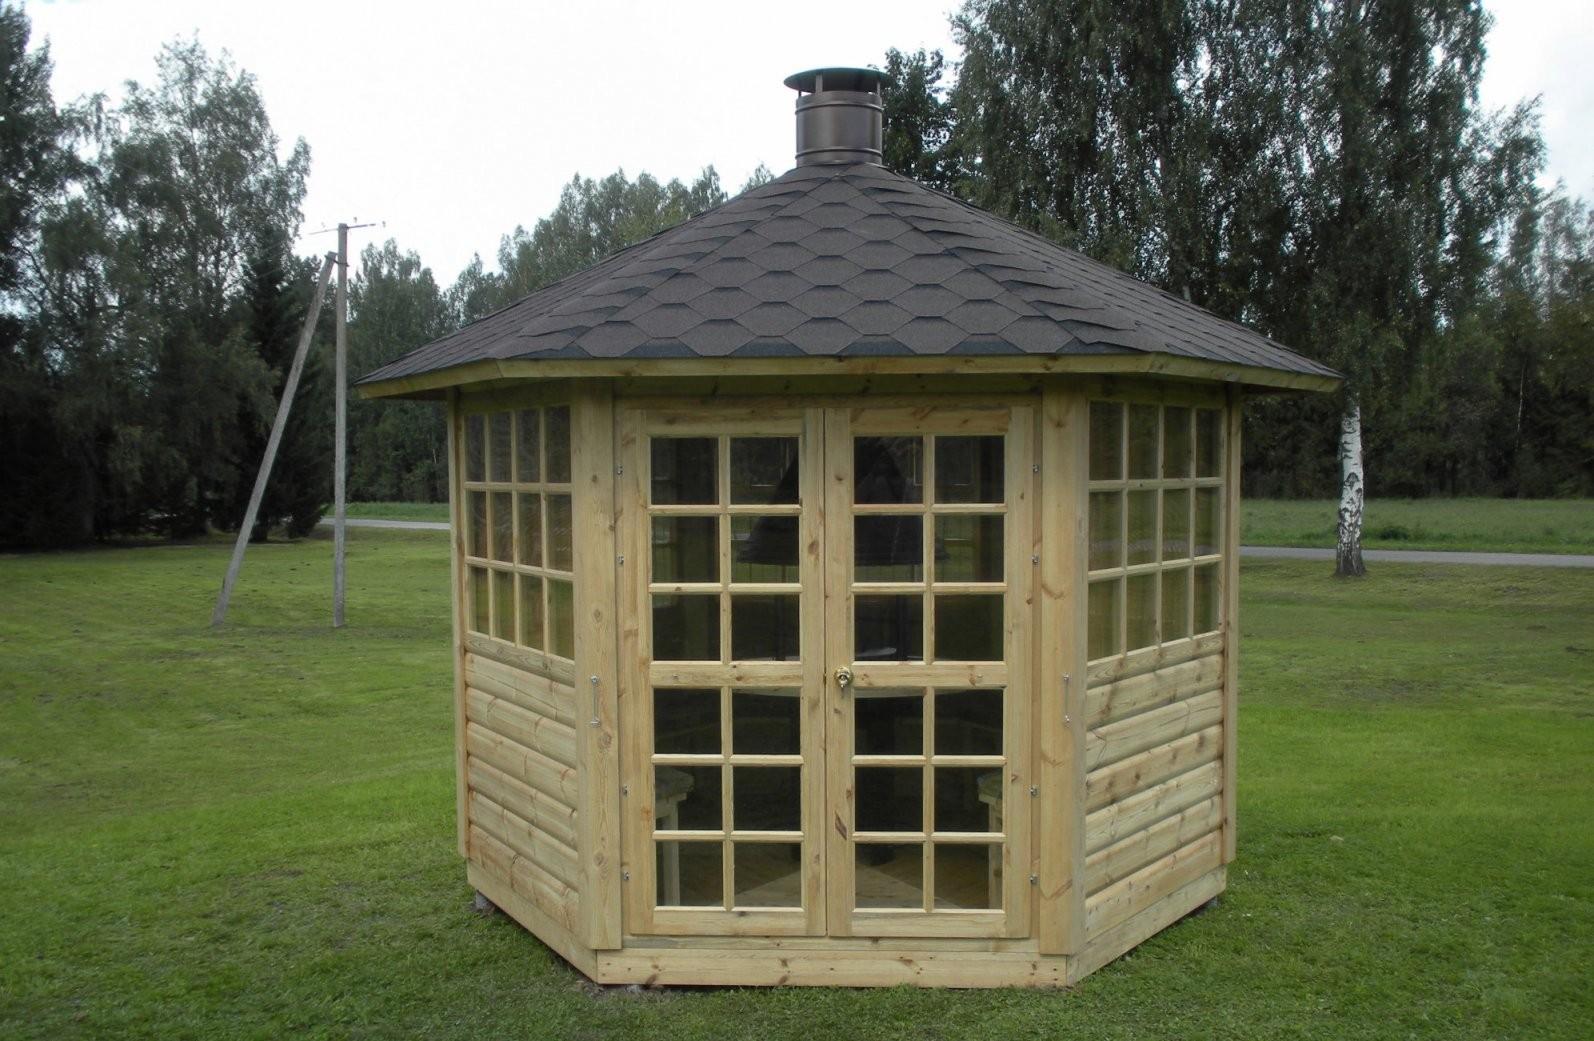 Gartenpavillon (Gartenhaus) Mit Grill Und Schornstein Aus Holz von Holz Pavillon Bausatz Günstig Photo